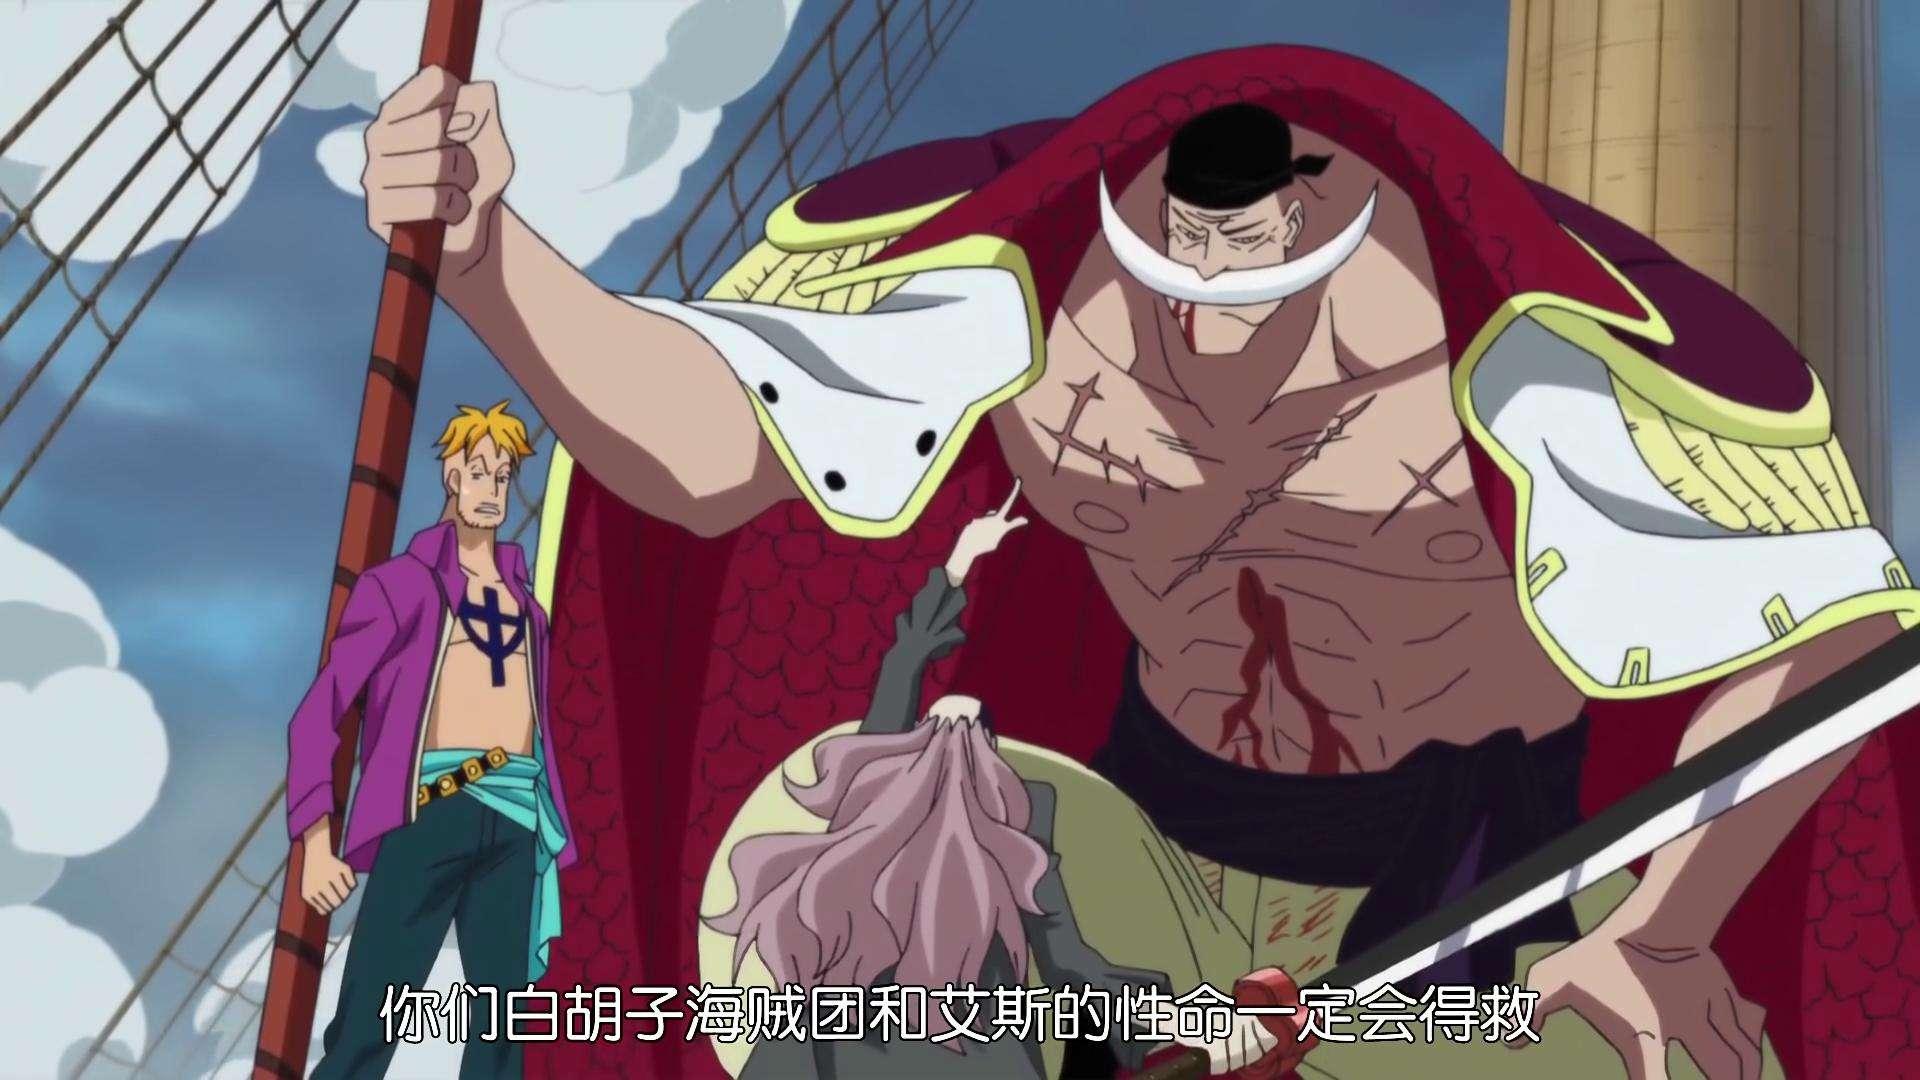 海贼王战绩最强的人是谁?不是路飞不是凯多,居然是人气超低的他